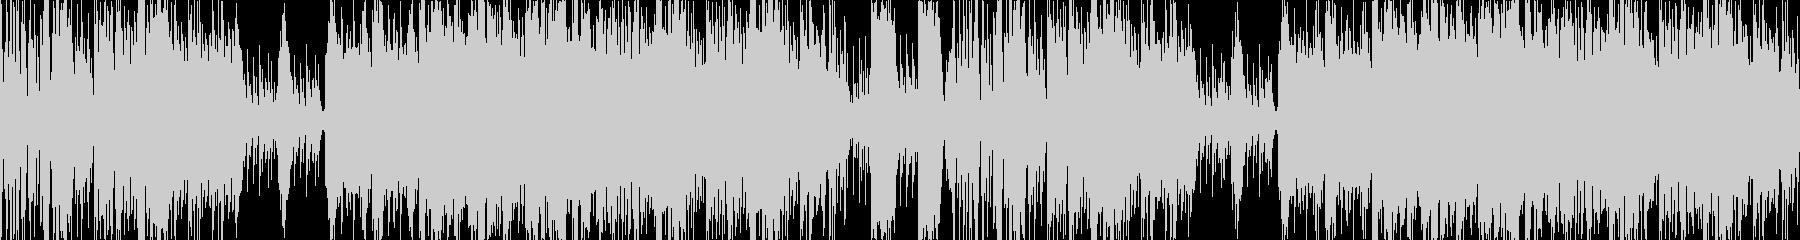 琴和太鼓ポップで和風楽曲ループ音源の未再生の波形